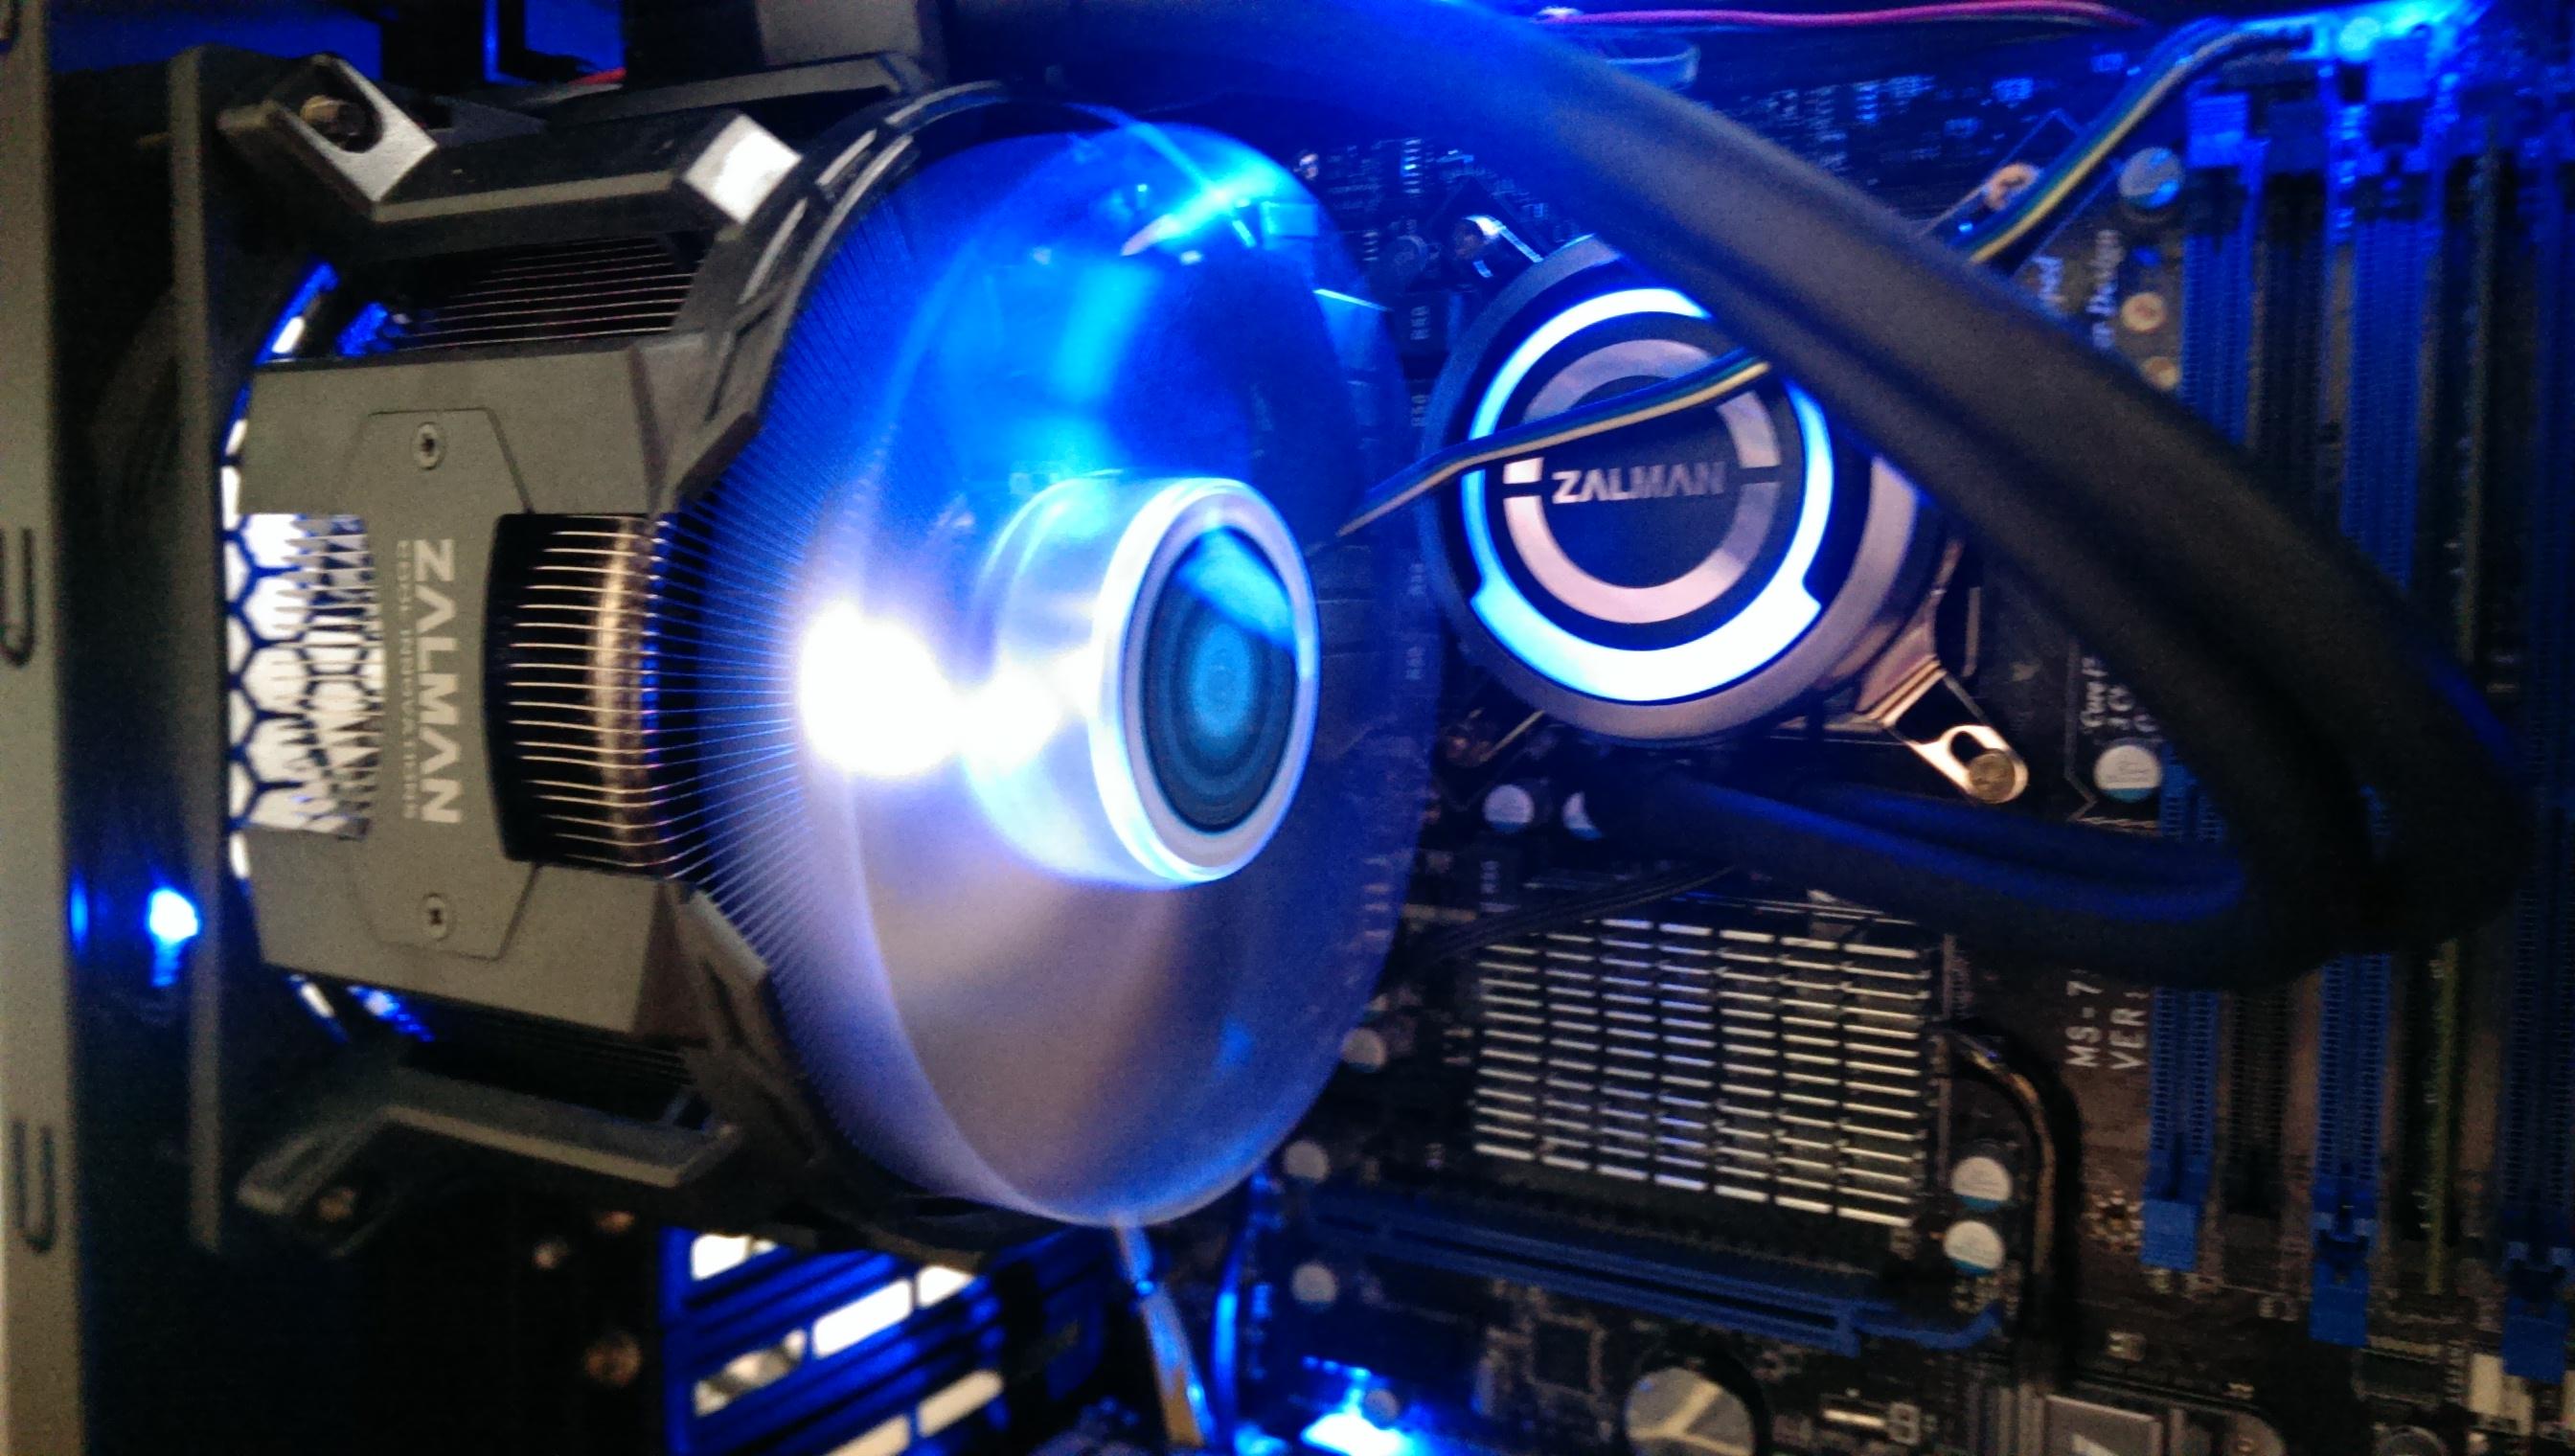 ZALMANの一体型水冷CPUクーラー「Reserator3 MAX」を使ってみた